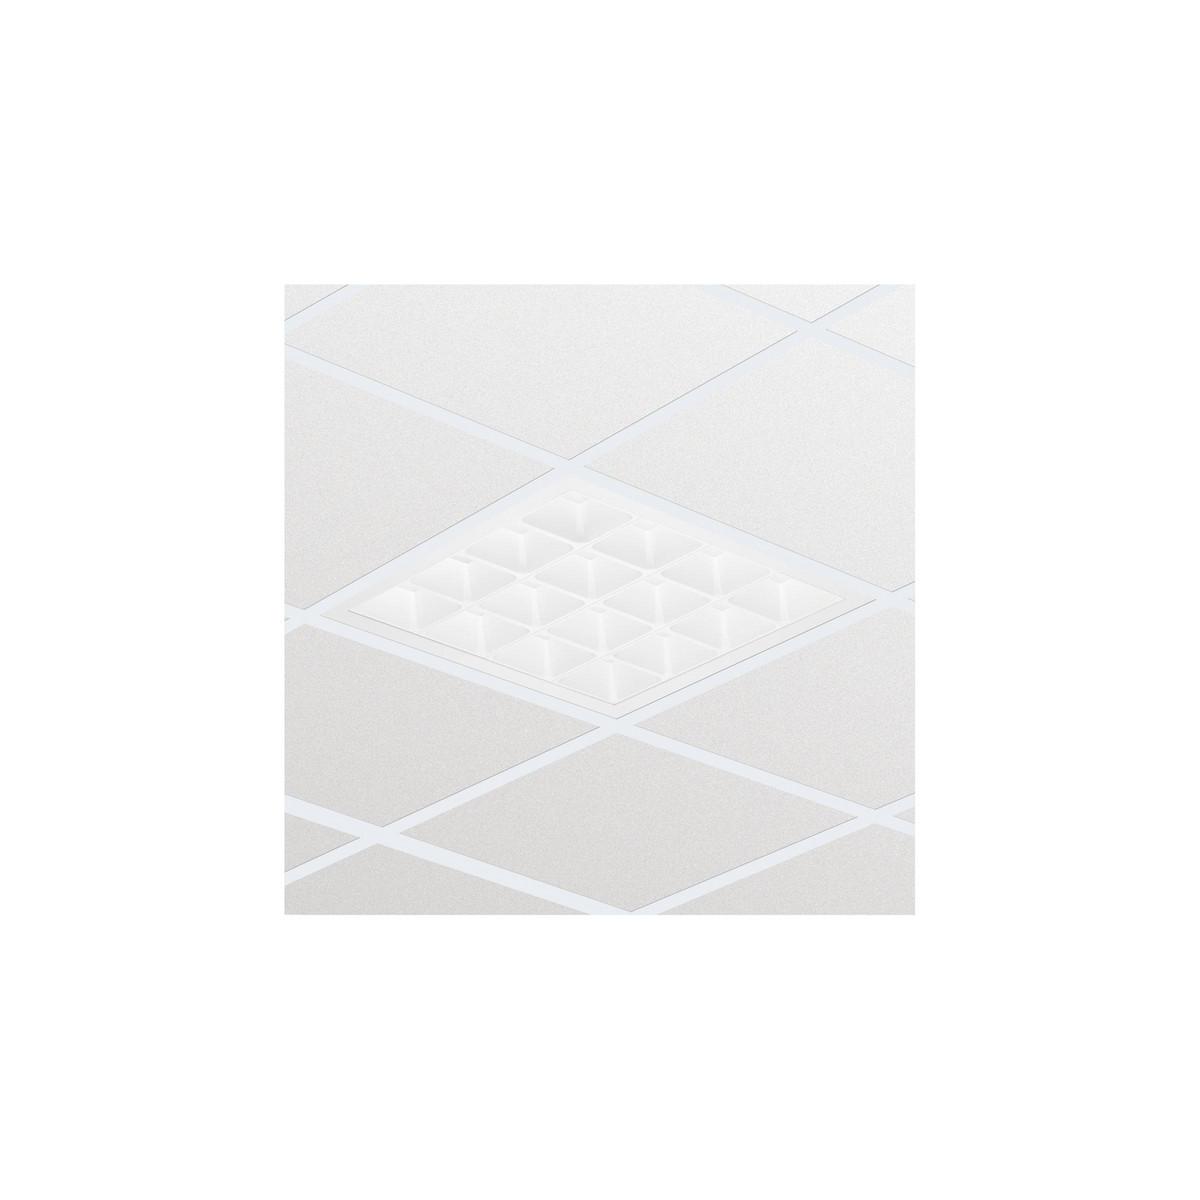 Philips PowerBalance Indbyg RC461B LED 3400lm/940 DALI 60x60 Synlig T-skinne